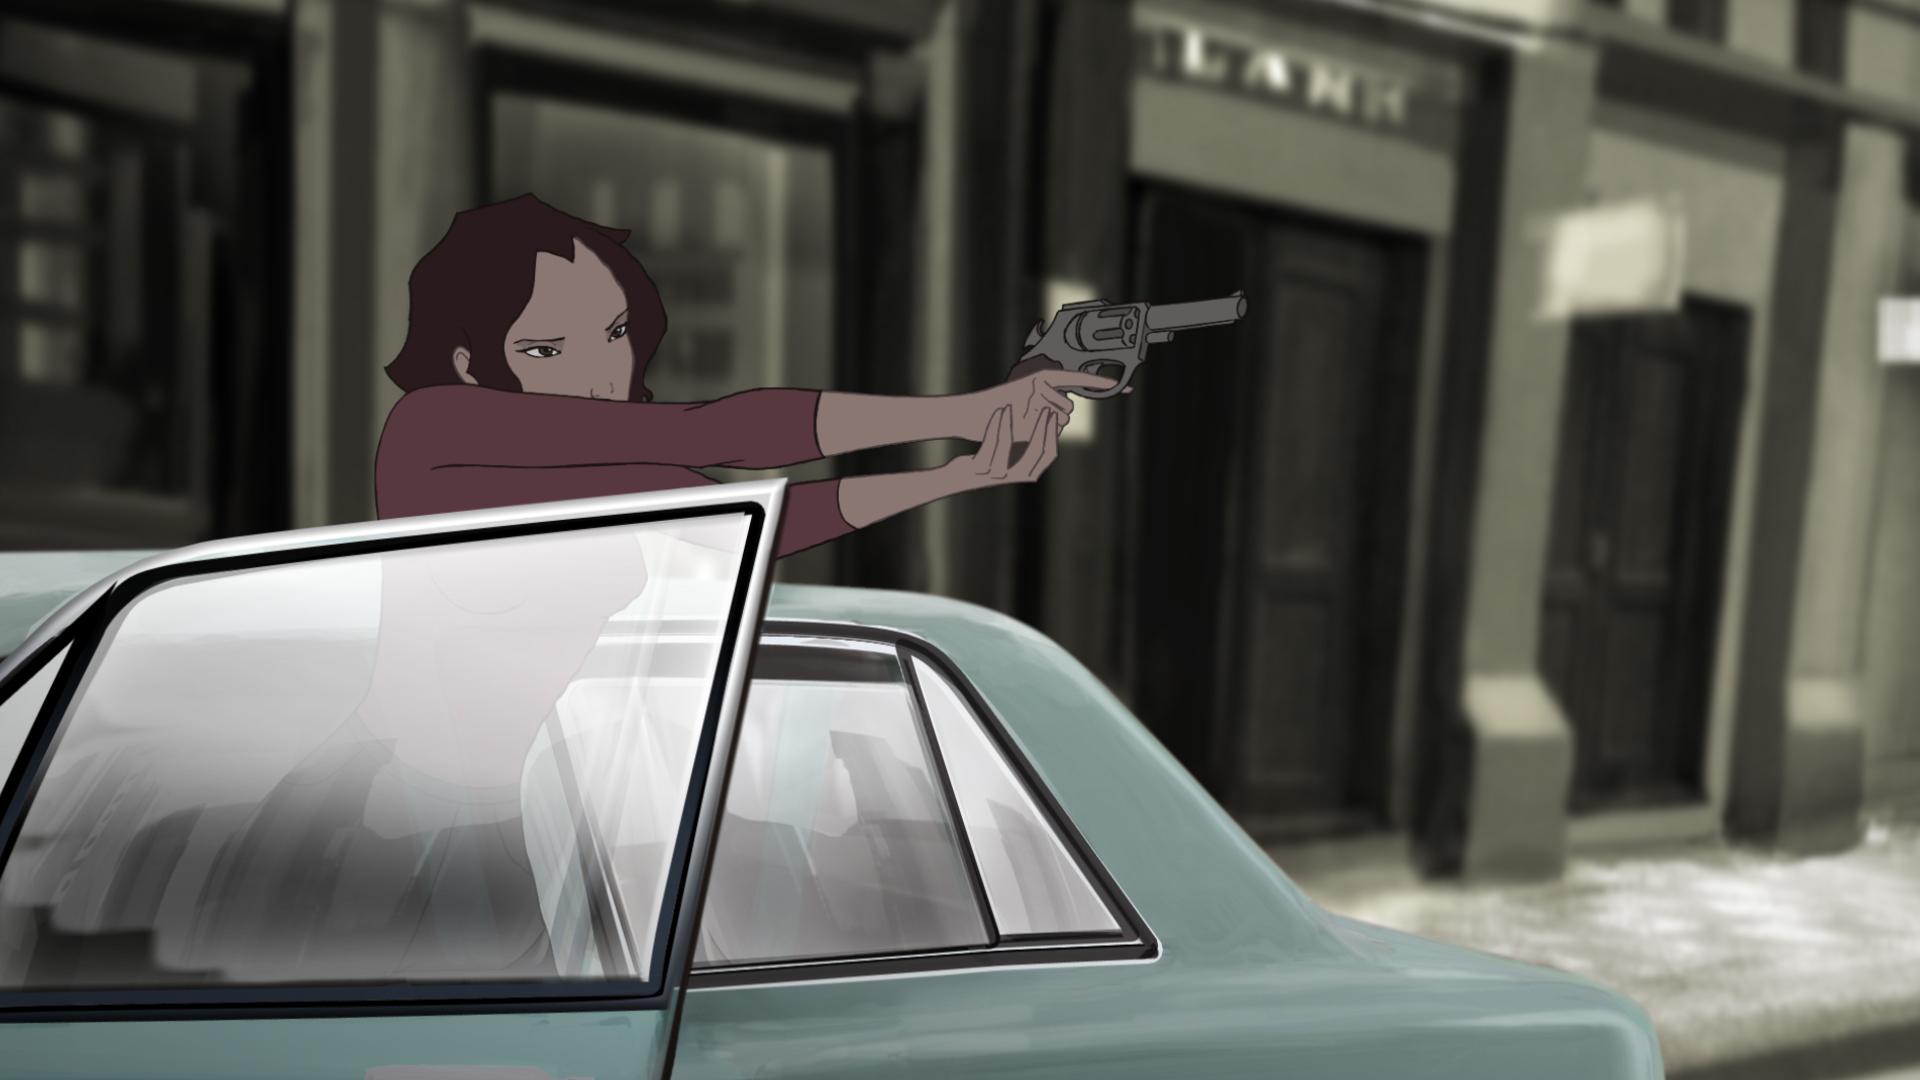 Una scena d'azione tratta dal film d'animazione Rio 2096 - Una storia d'amore e furia